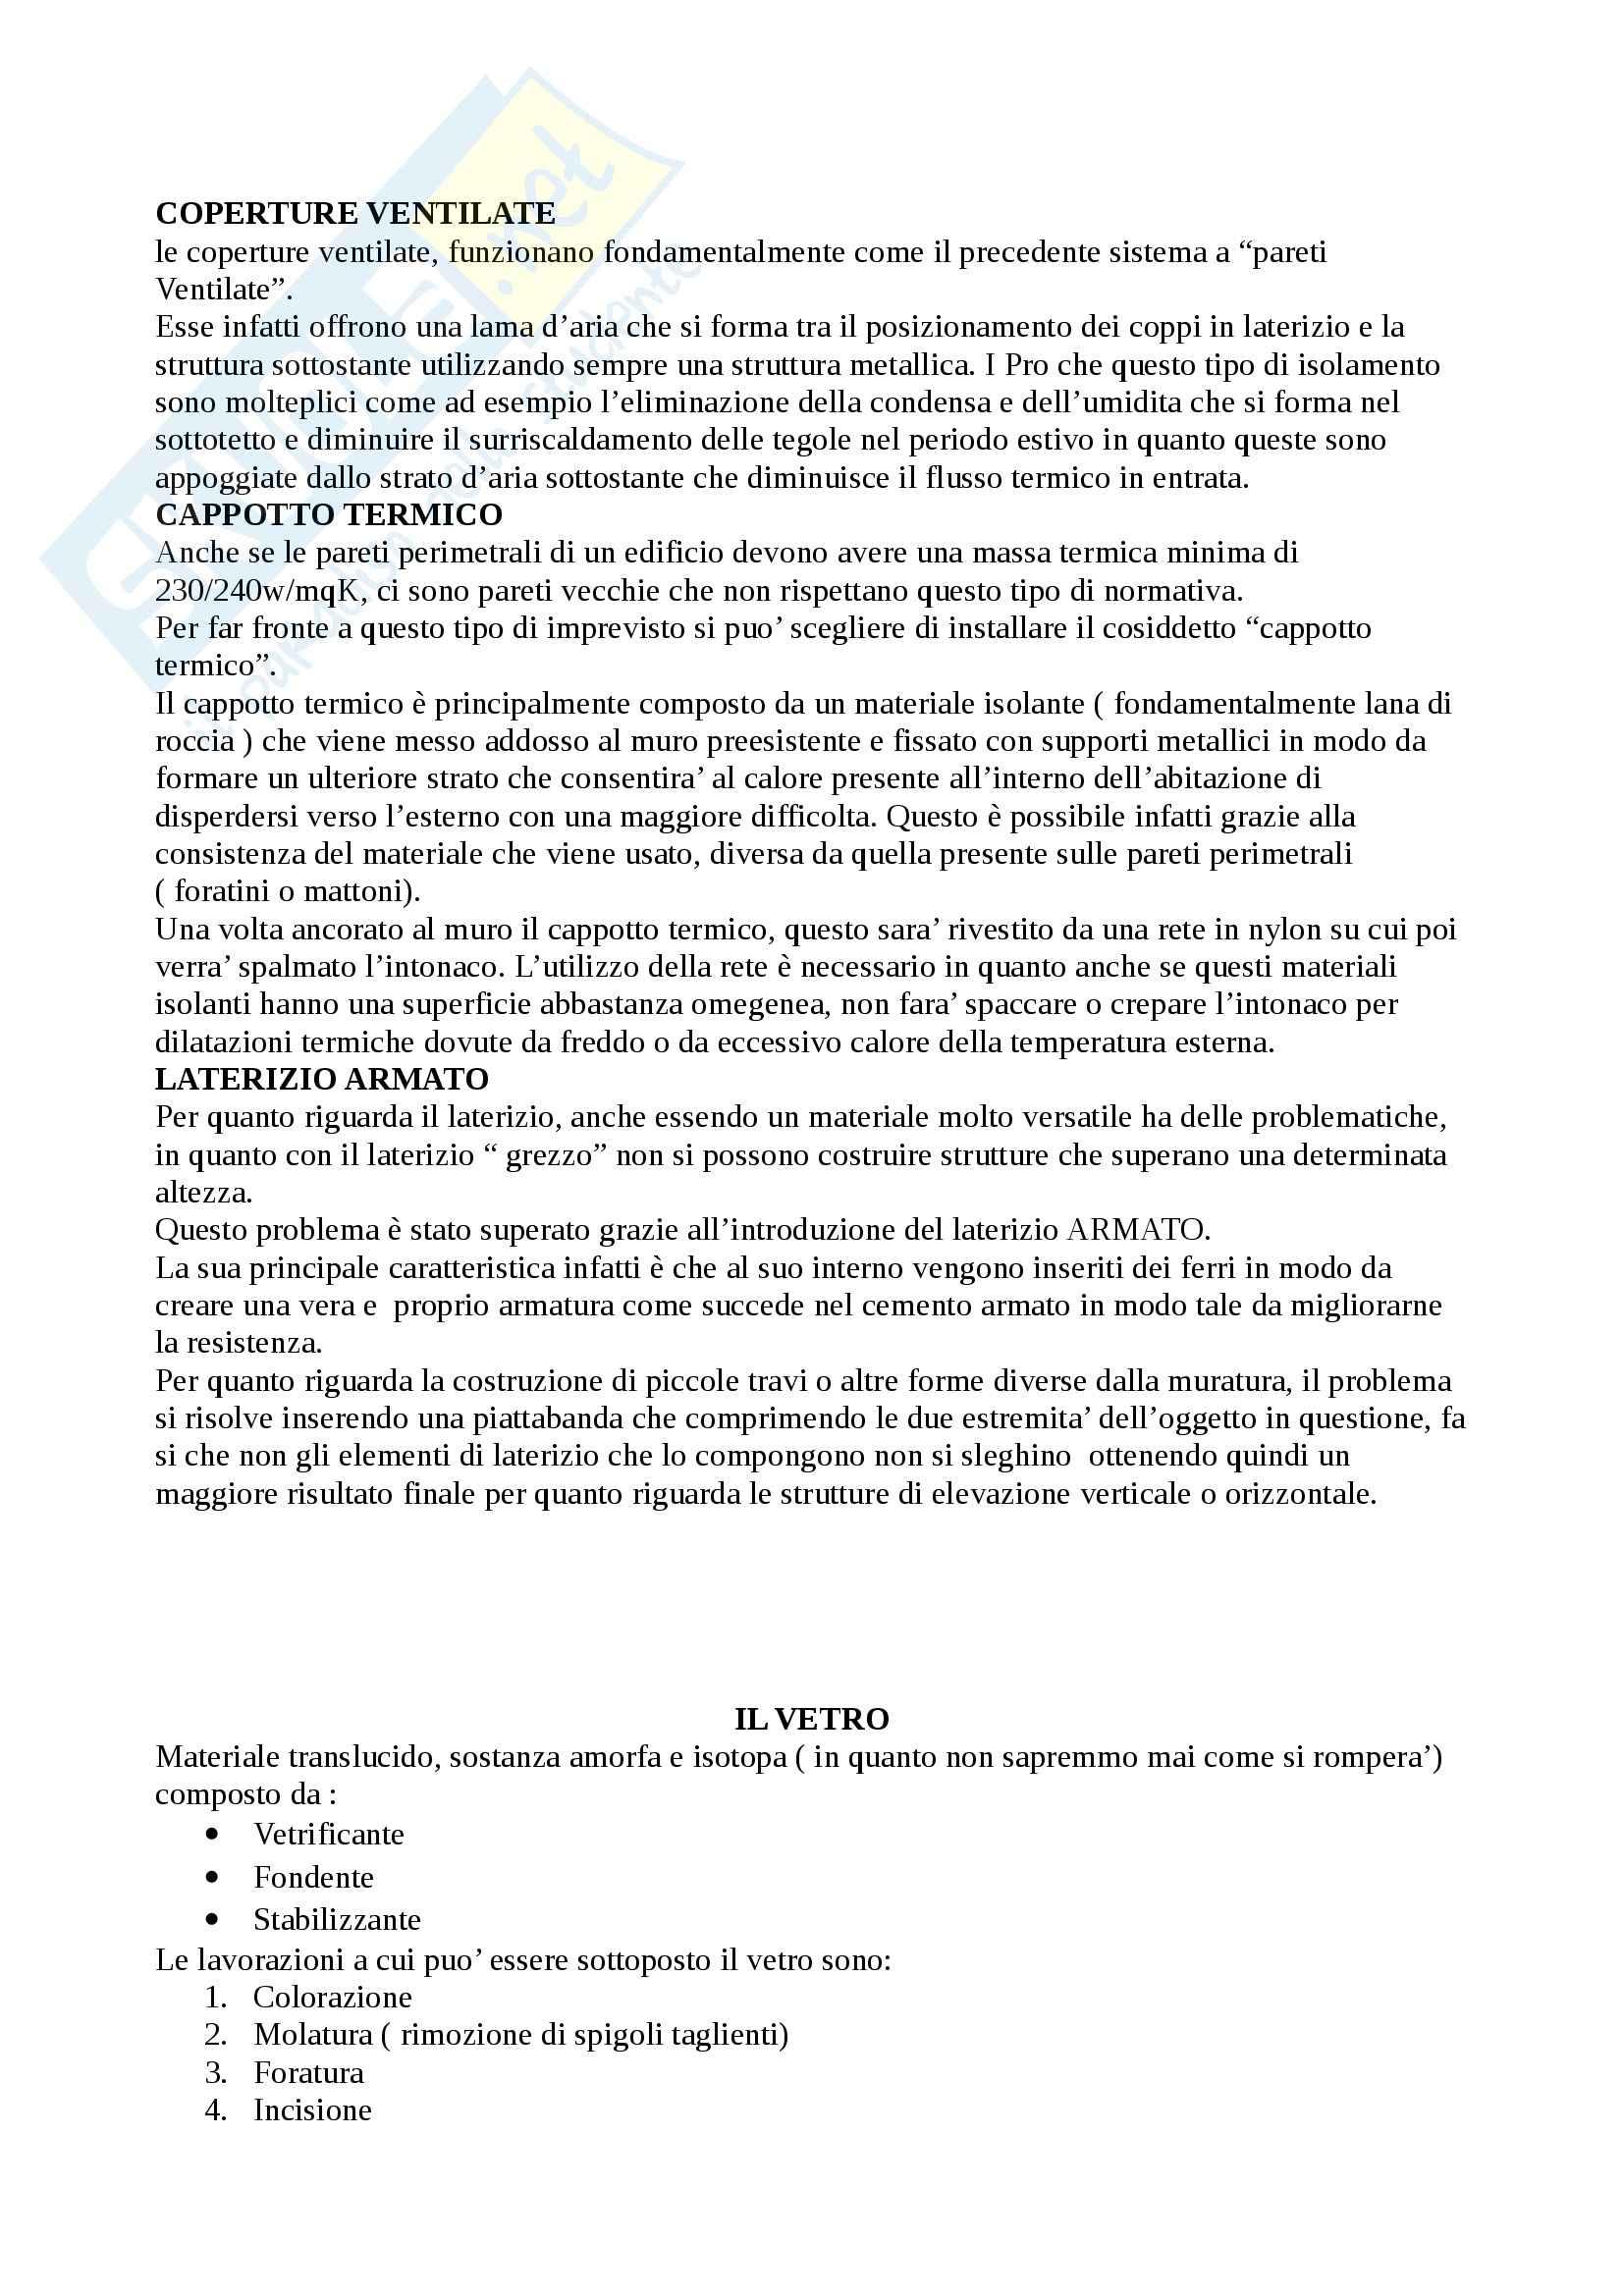 Appunti completi! Materiali e sistemi costruttivi (tutti i materiali trattati a lezione) Pag. 6